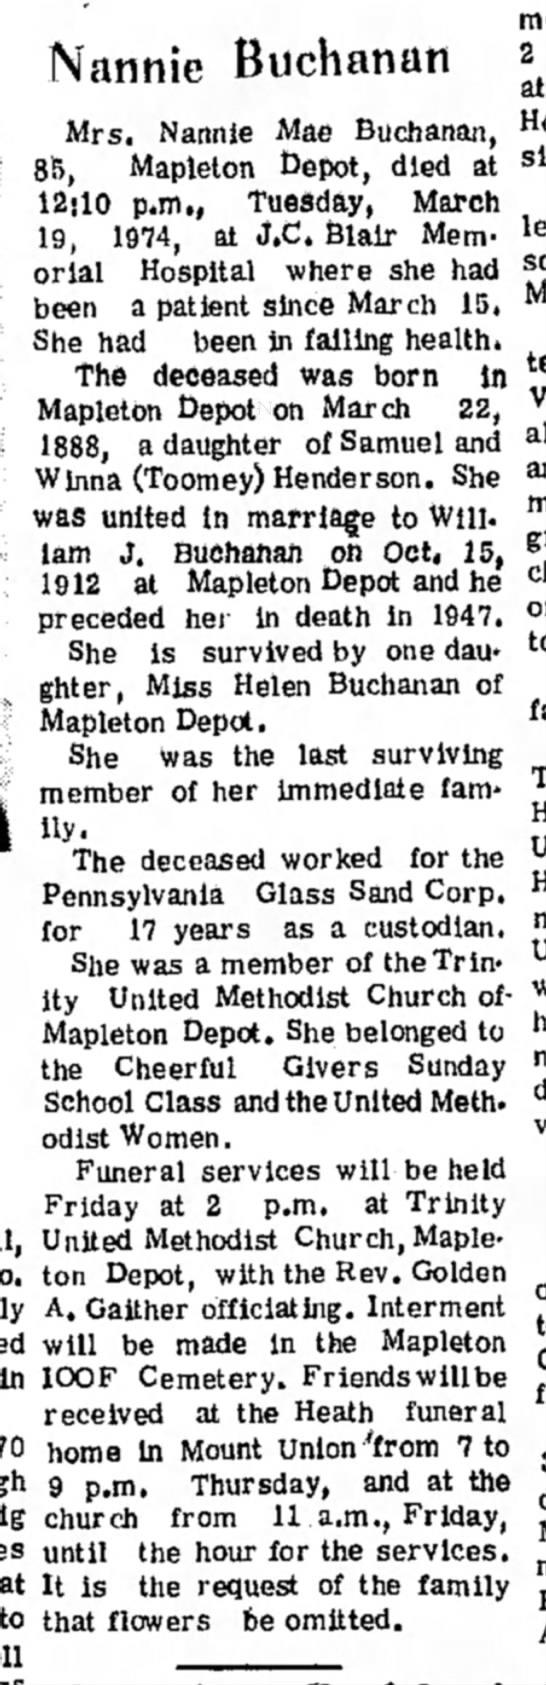 Nannie Buchanan-Obit-TDN-p.2-20 Mar 1974 - Buchanan Mrs. Nannie Mae Buchanan, 85, Mapleton...